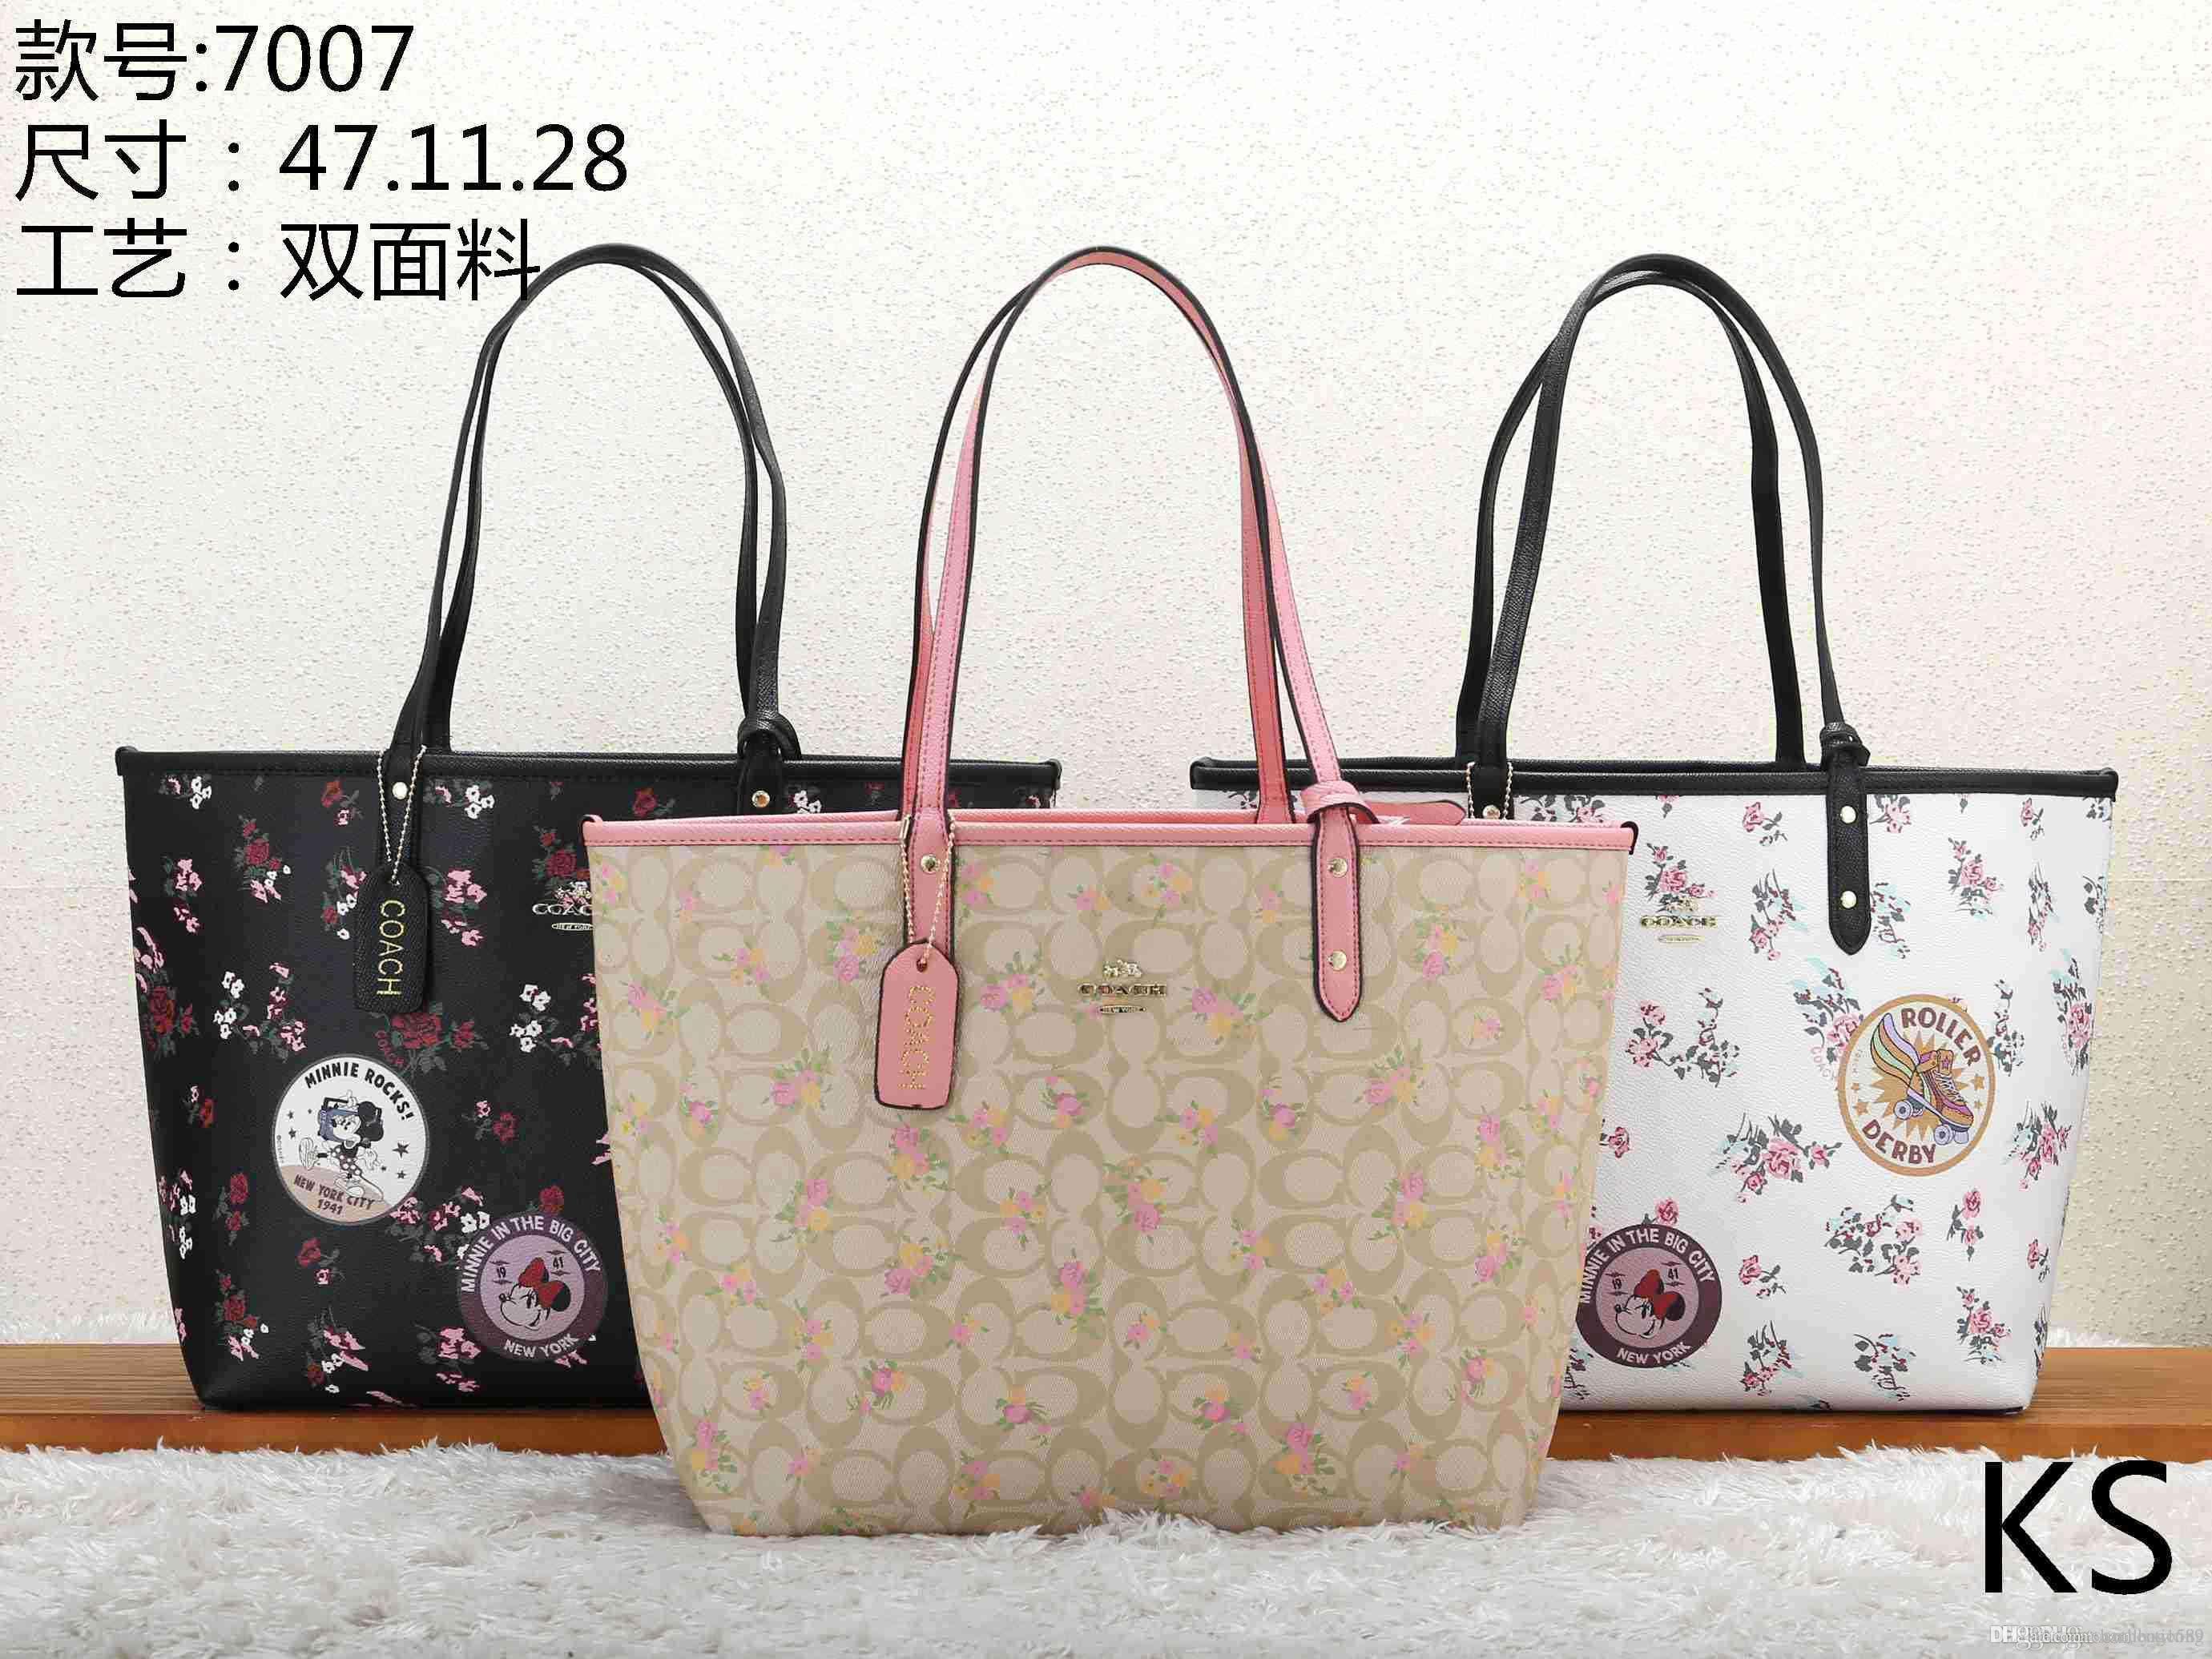 mk 7007 ks new styles fashion bags ladies handbags designer bags rh dhgate com